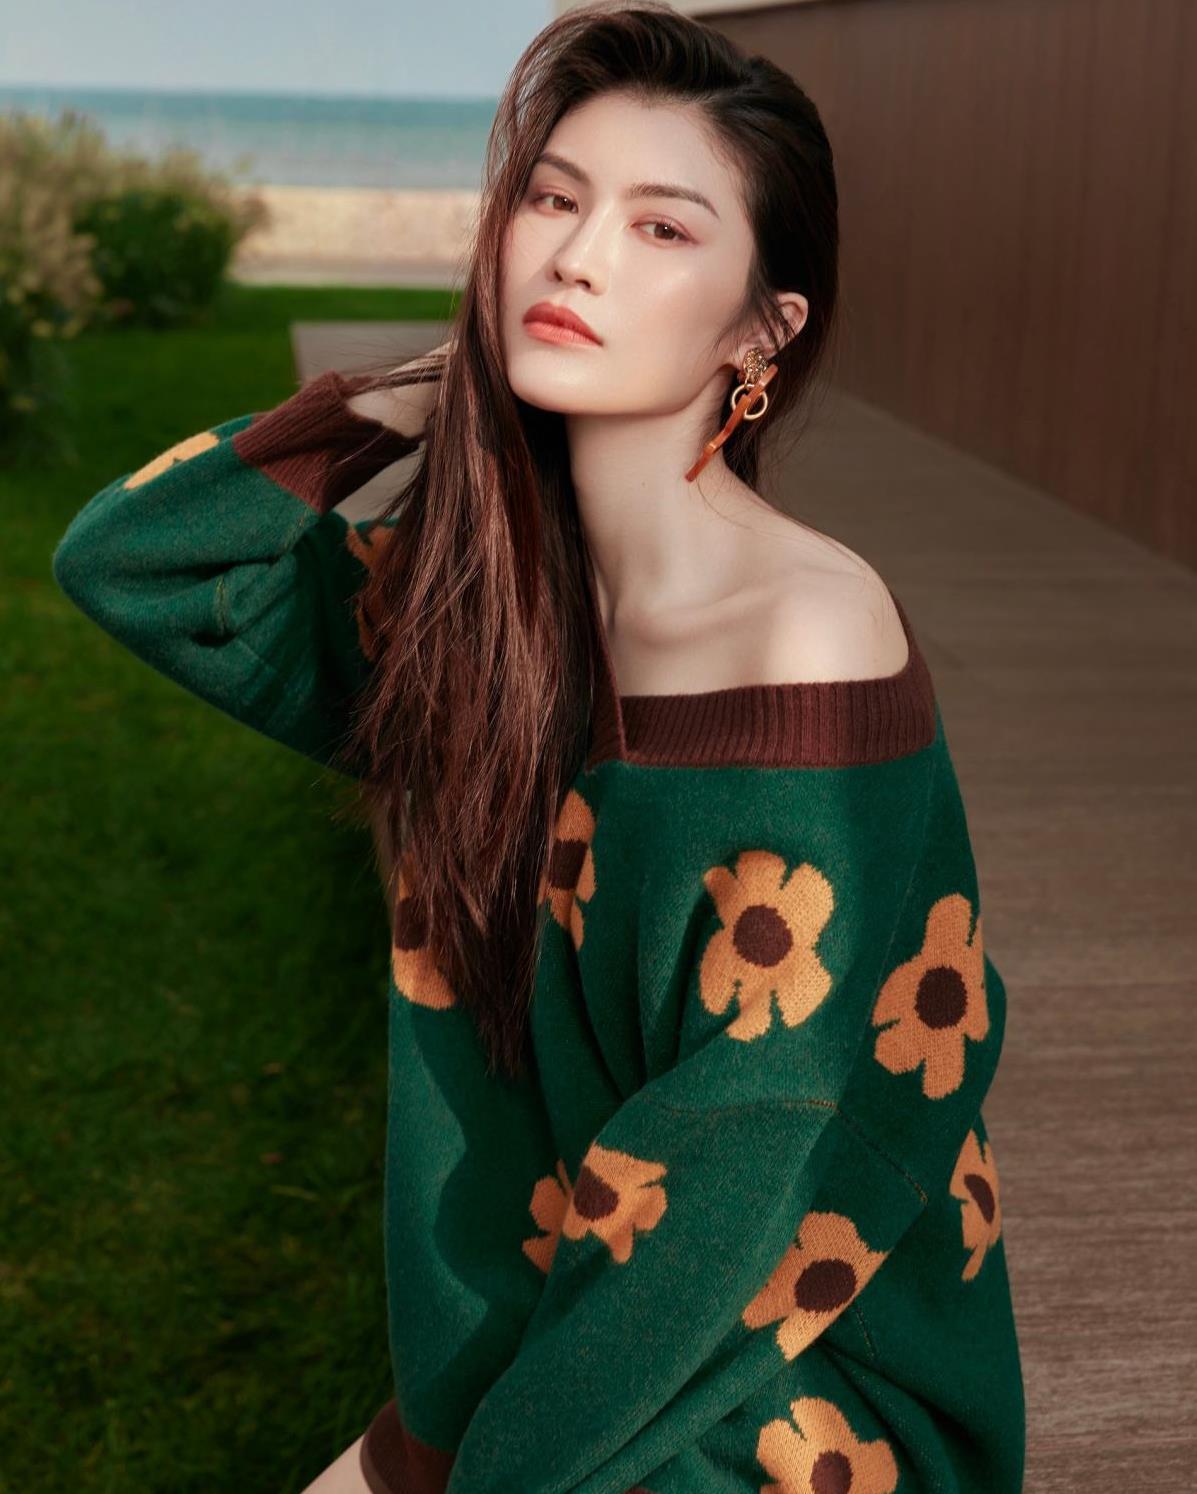 何穗秋日街拍太美了!墨绿花朵针织衫温柔可人,兼具复古与浪漫